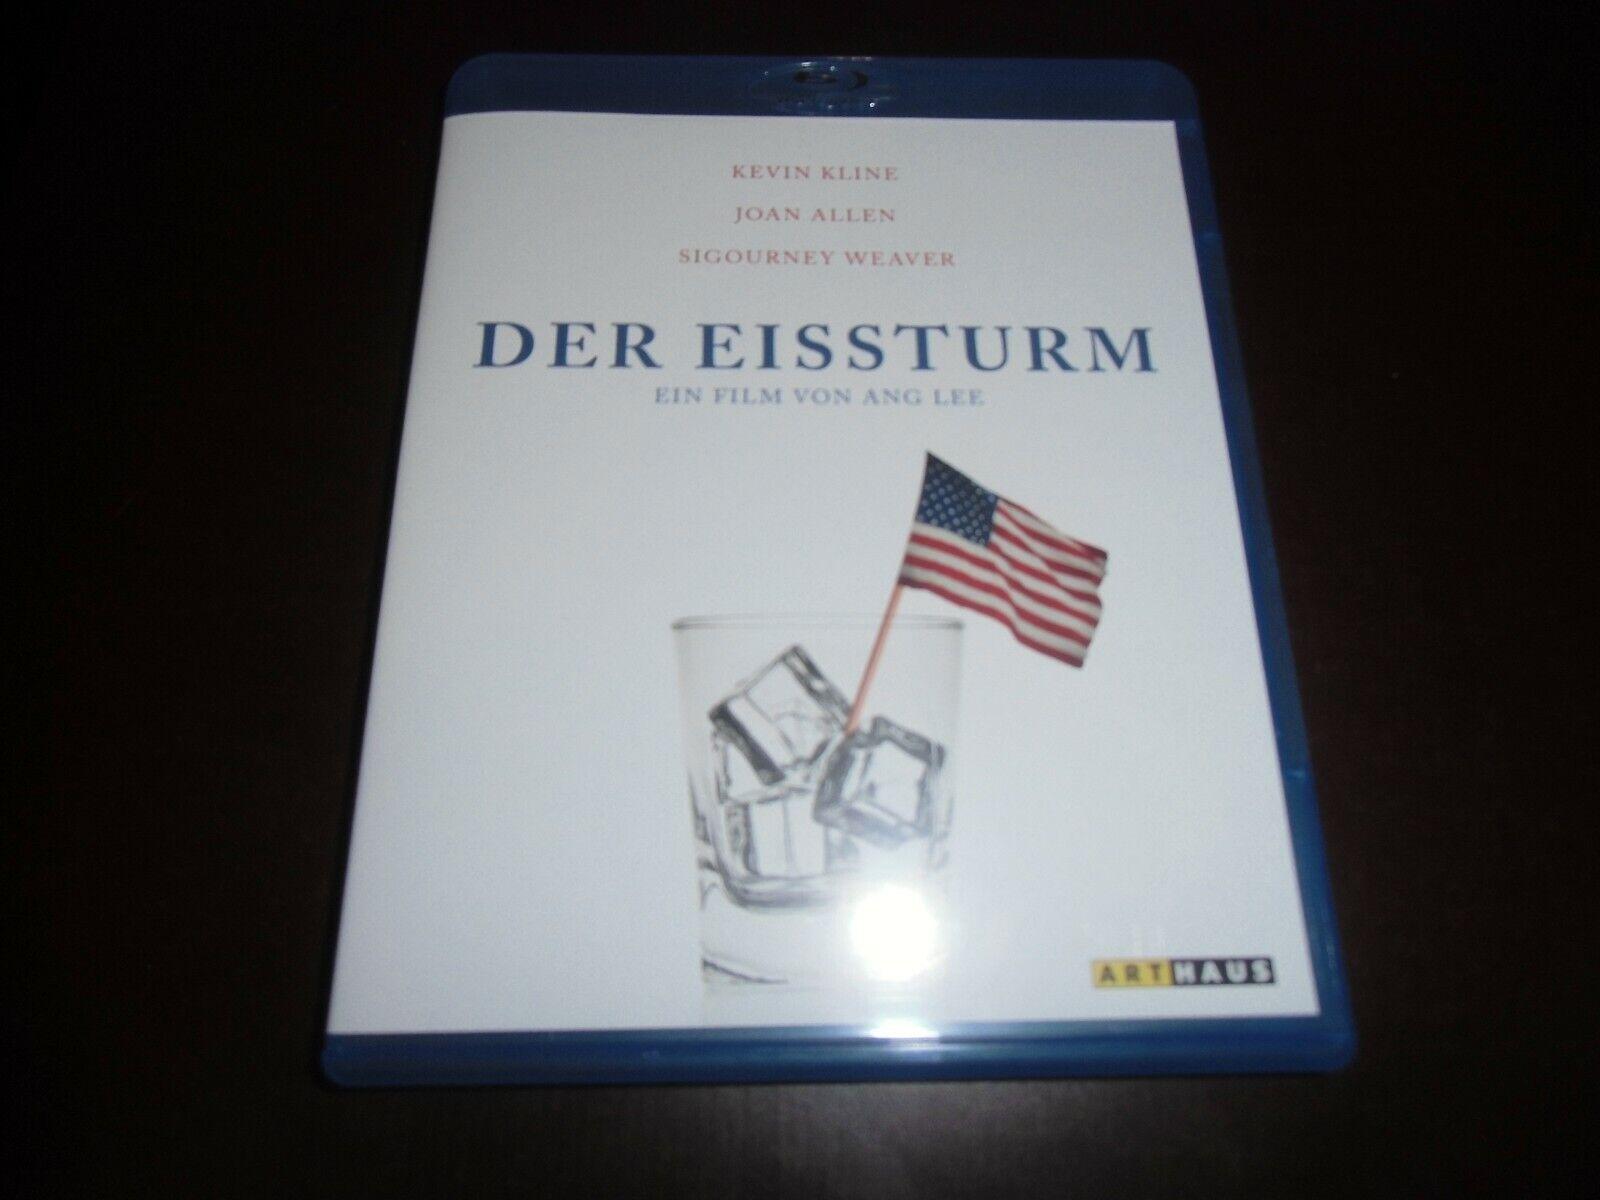 Der Eissturm - Blu Ray - Deutsch - Kevin Kline - Sigourney Weaver - Paypal